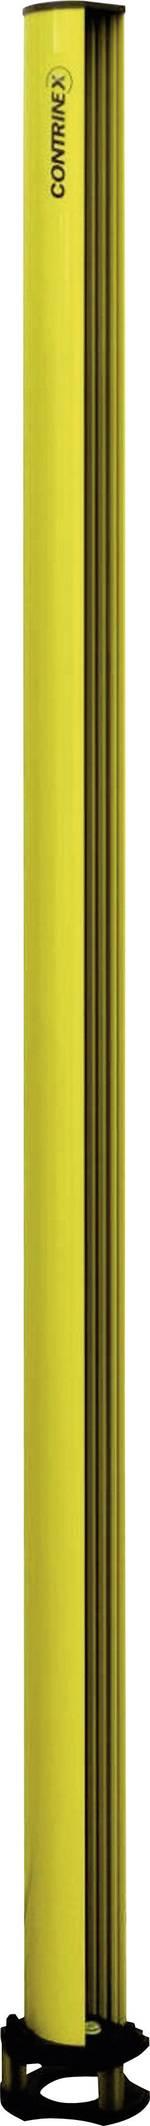 Colonne de fixation pour barrière de sécurité hauteur 1960 mm Contrinex YXC-1960-F00 605 000 677